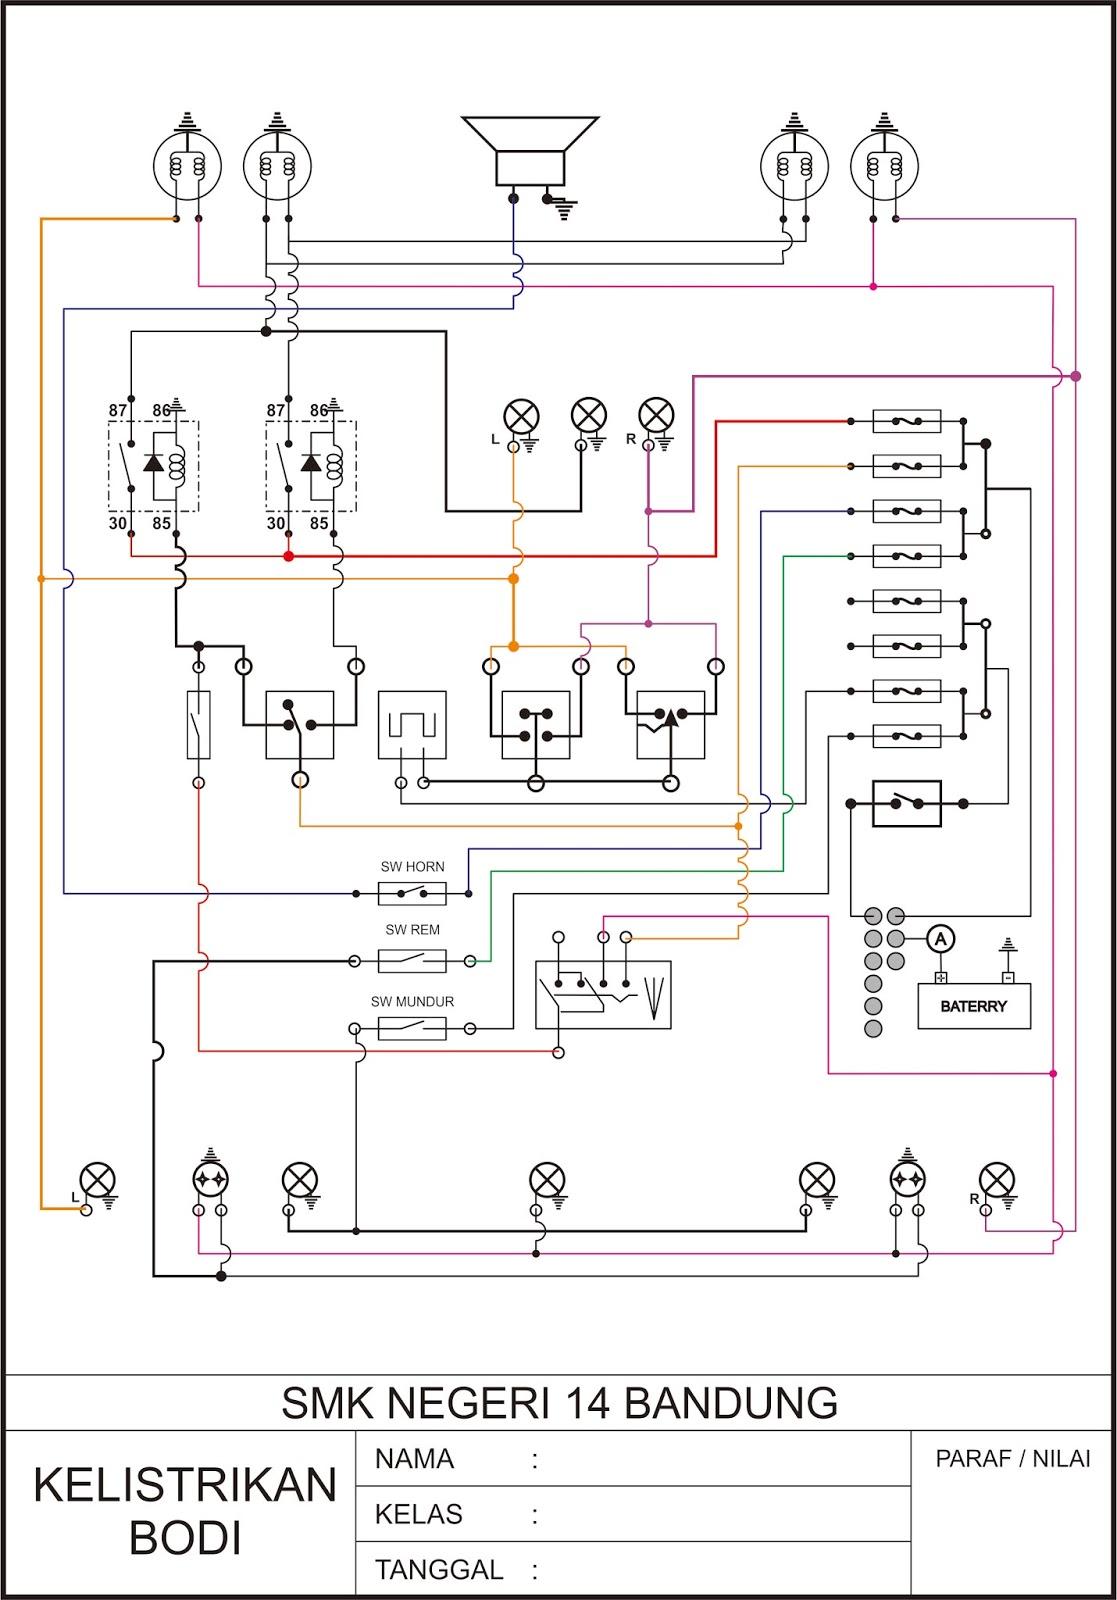 Tpbo smkn 14 bandung wiring diagram kelistrikan bodi wiring diagram kelistrikan bodi asfbconference2016 Choice Image